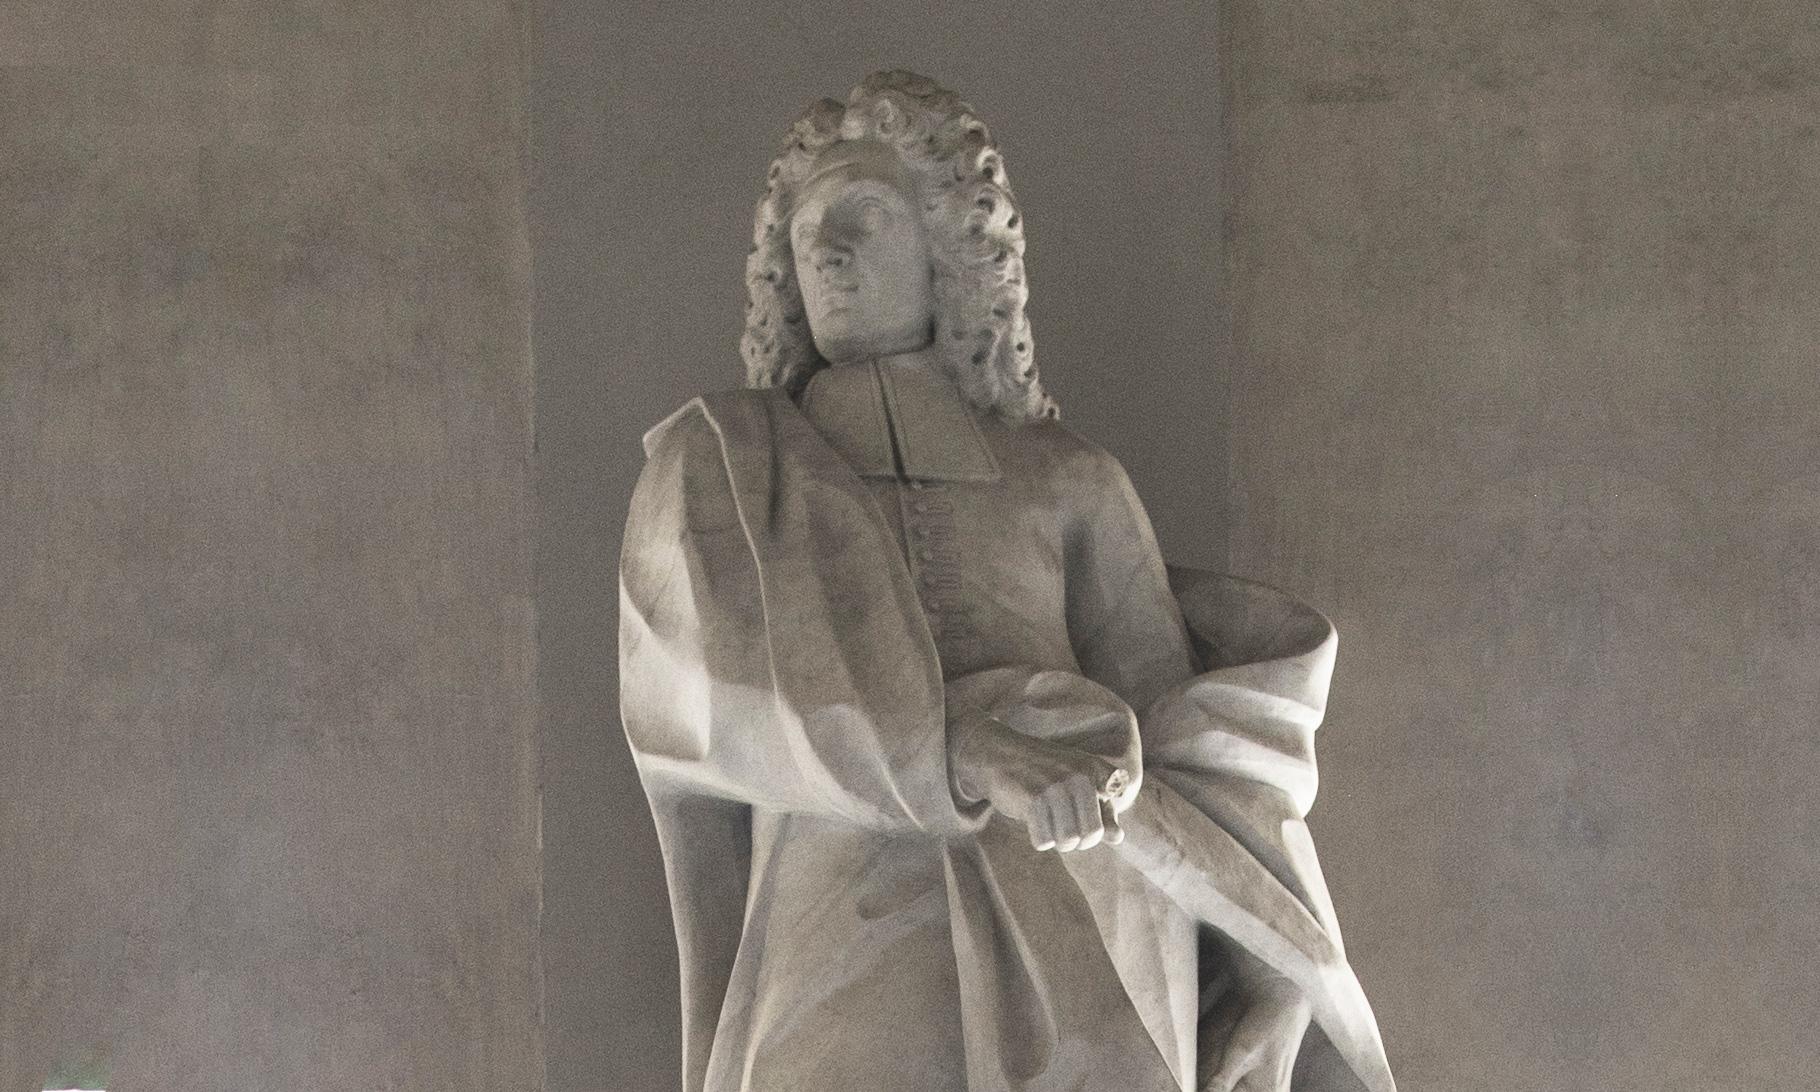 statue_ianni-lucae-spinulae-abbati_01 - Albergo dei Poveri Genova